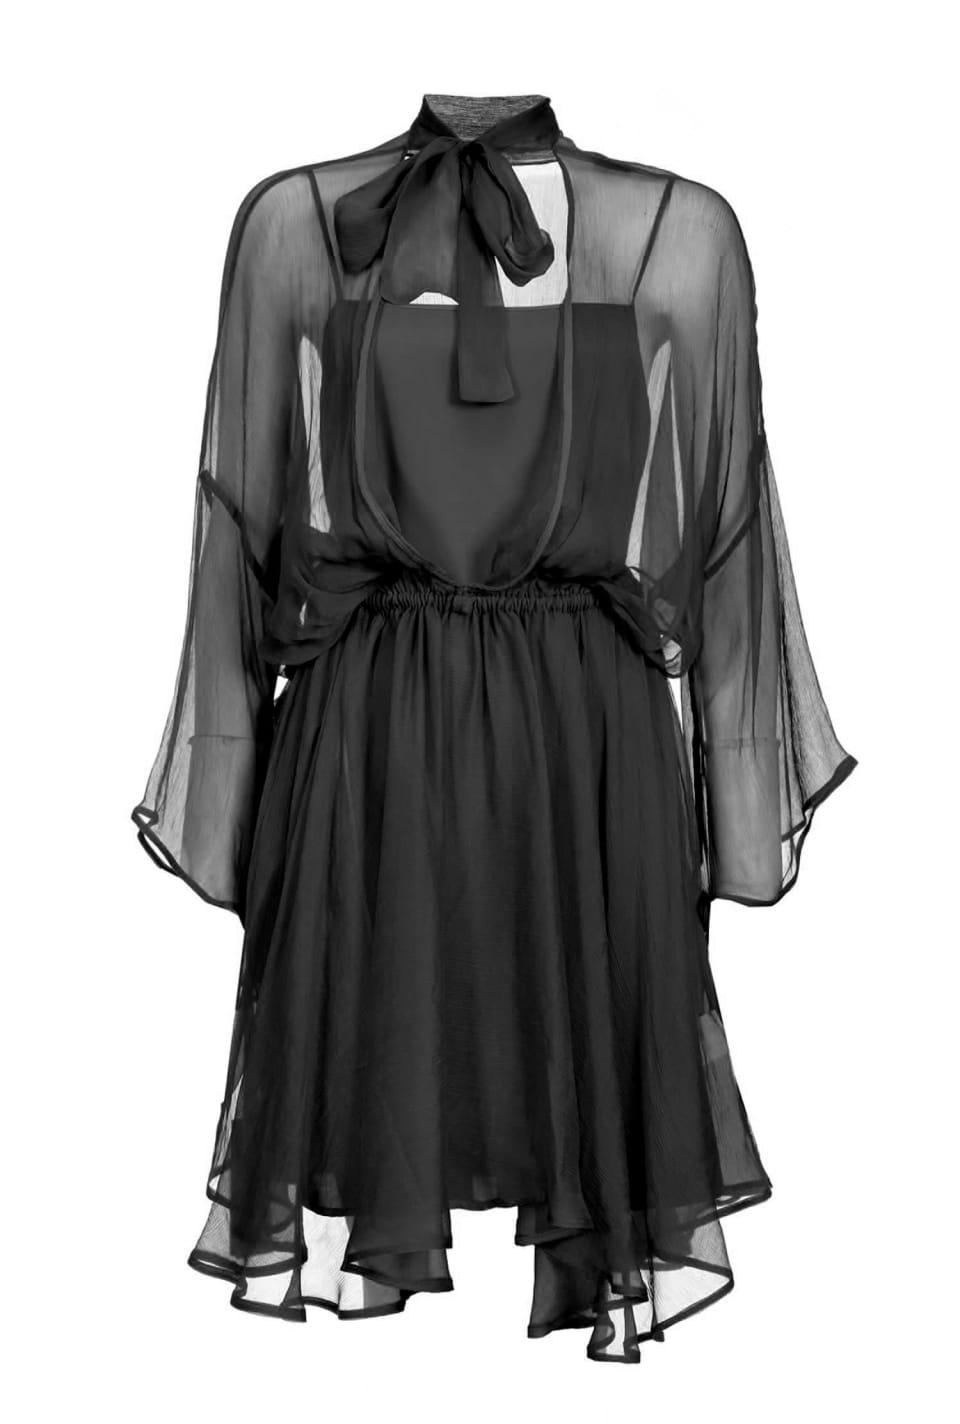 kurze kleider im sale - rabatte - pinko